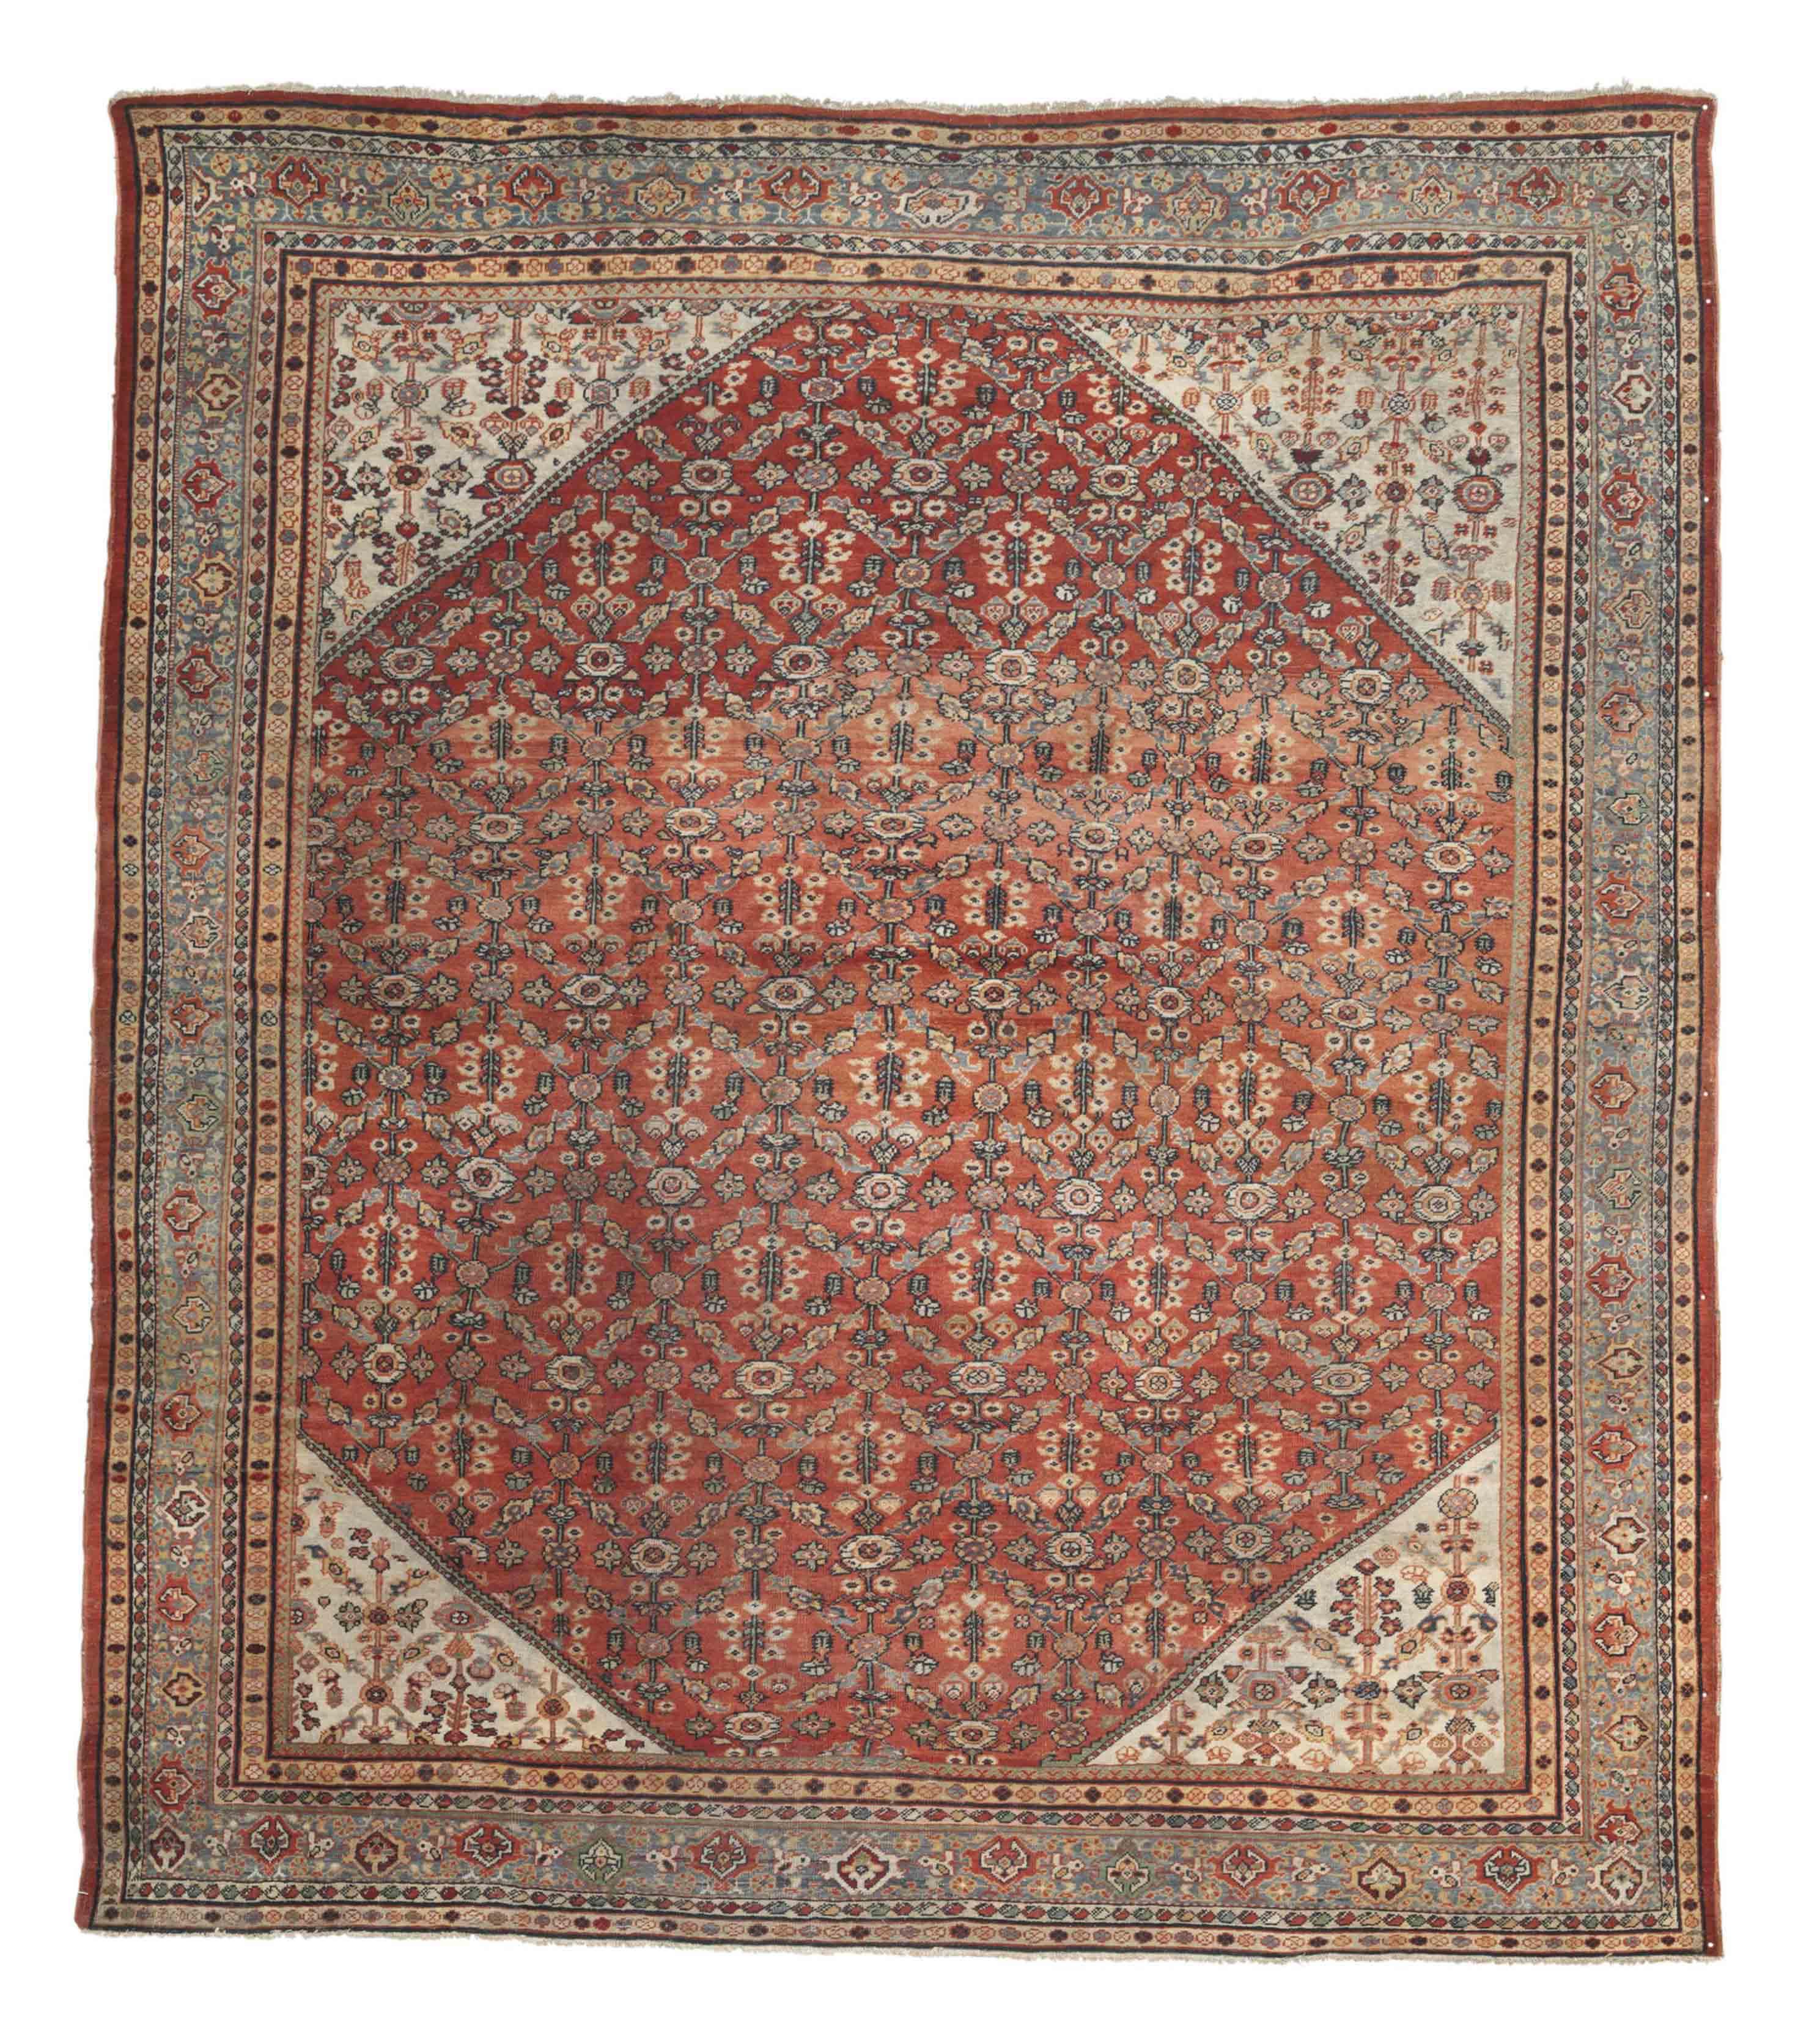 An antique Ziegler-Mahal carpe